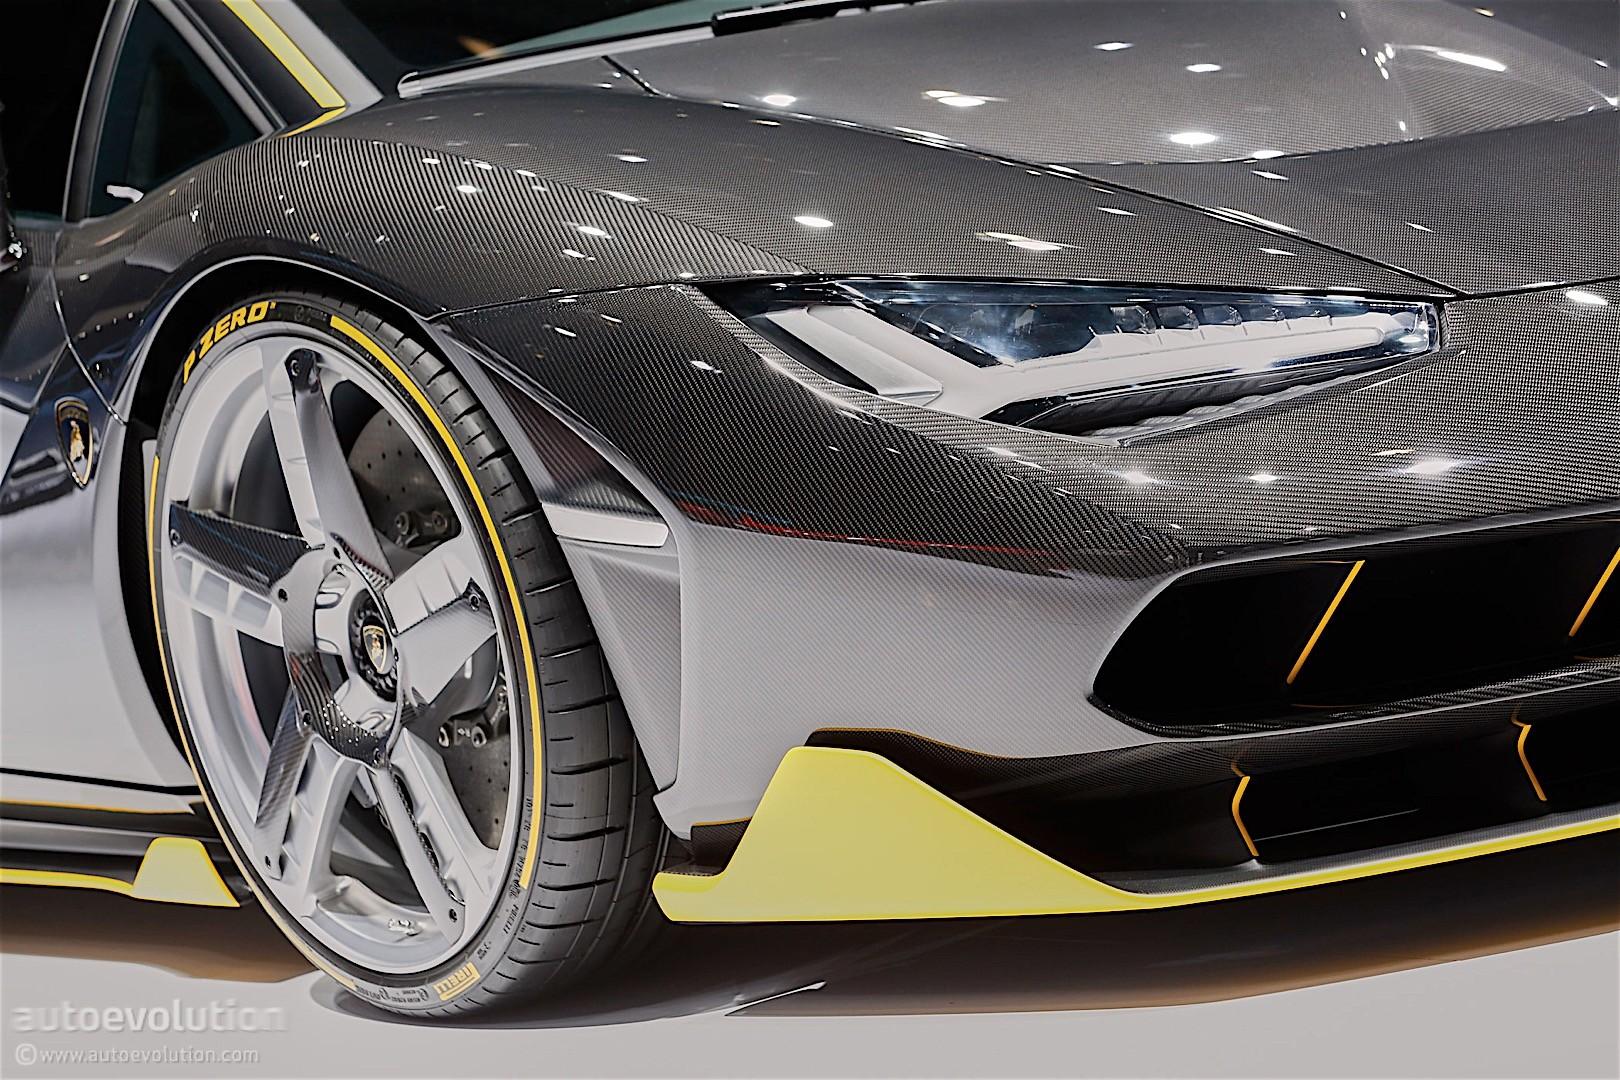 Lamborghini Celebrates Founder S 100th With A Cake On Wheels The Centenario Autoevolution